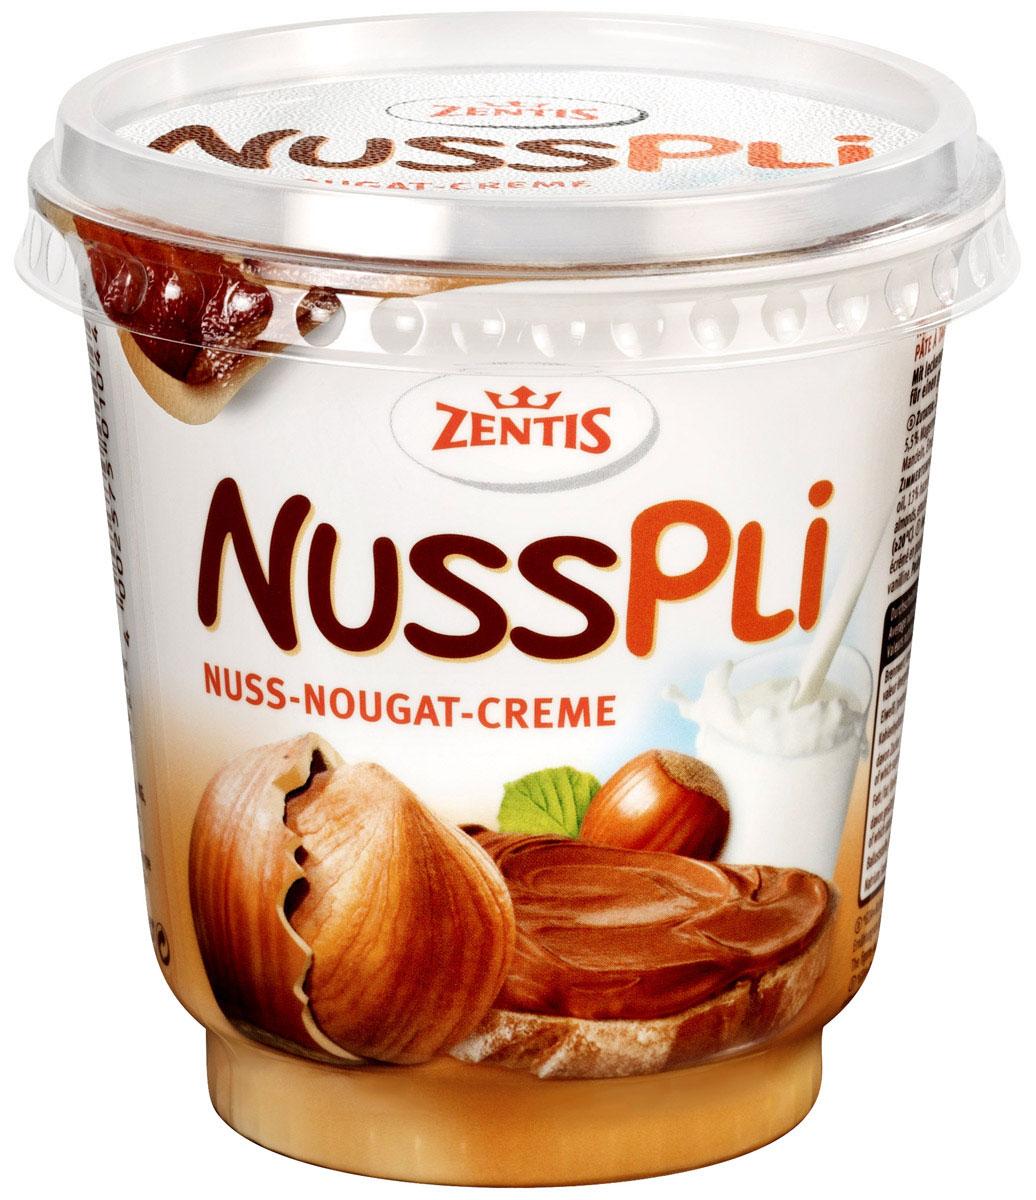 Zentis Nusspli - вкуснейшая шоколадная паста с лесным орехом и добавлением какао. Намажьте ее на свежий хлеб или при приготовлении сдобы и выпечки. Паста придаст любому блюду яркий ореховый вкус.